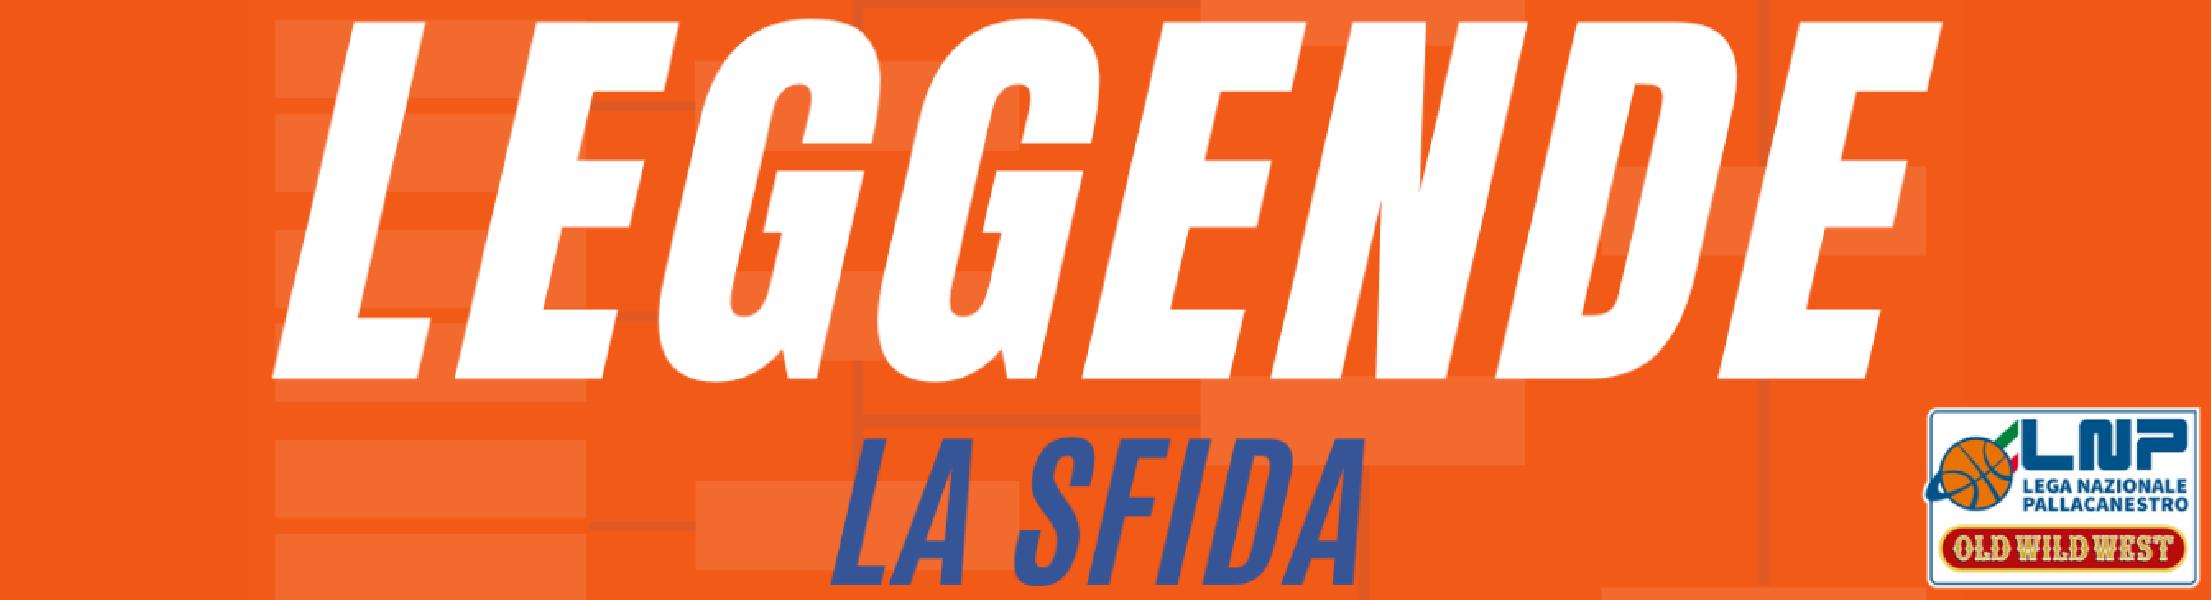 https://www.basketmarche.it/immagini_articoli/01-04-2020/scatta-leggende-mezzanotte-votare-campioni-selezionati-club-hanno-aderito-600.png